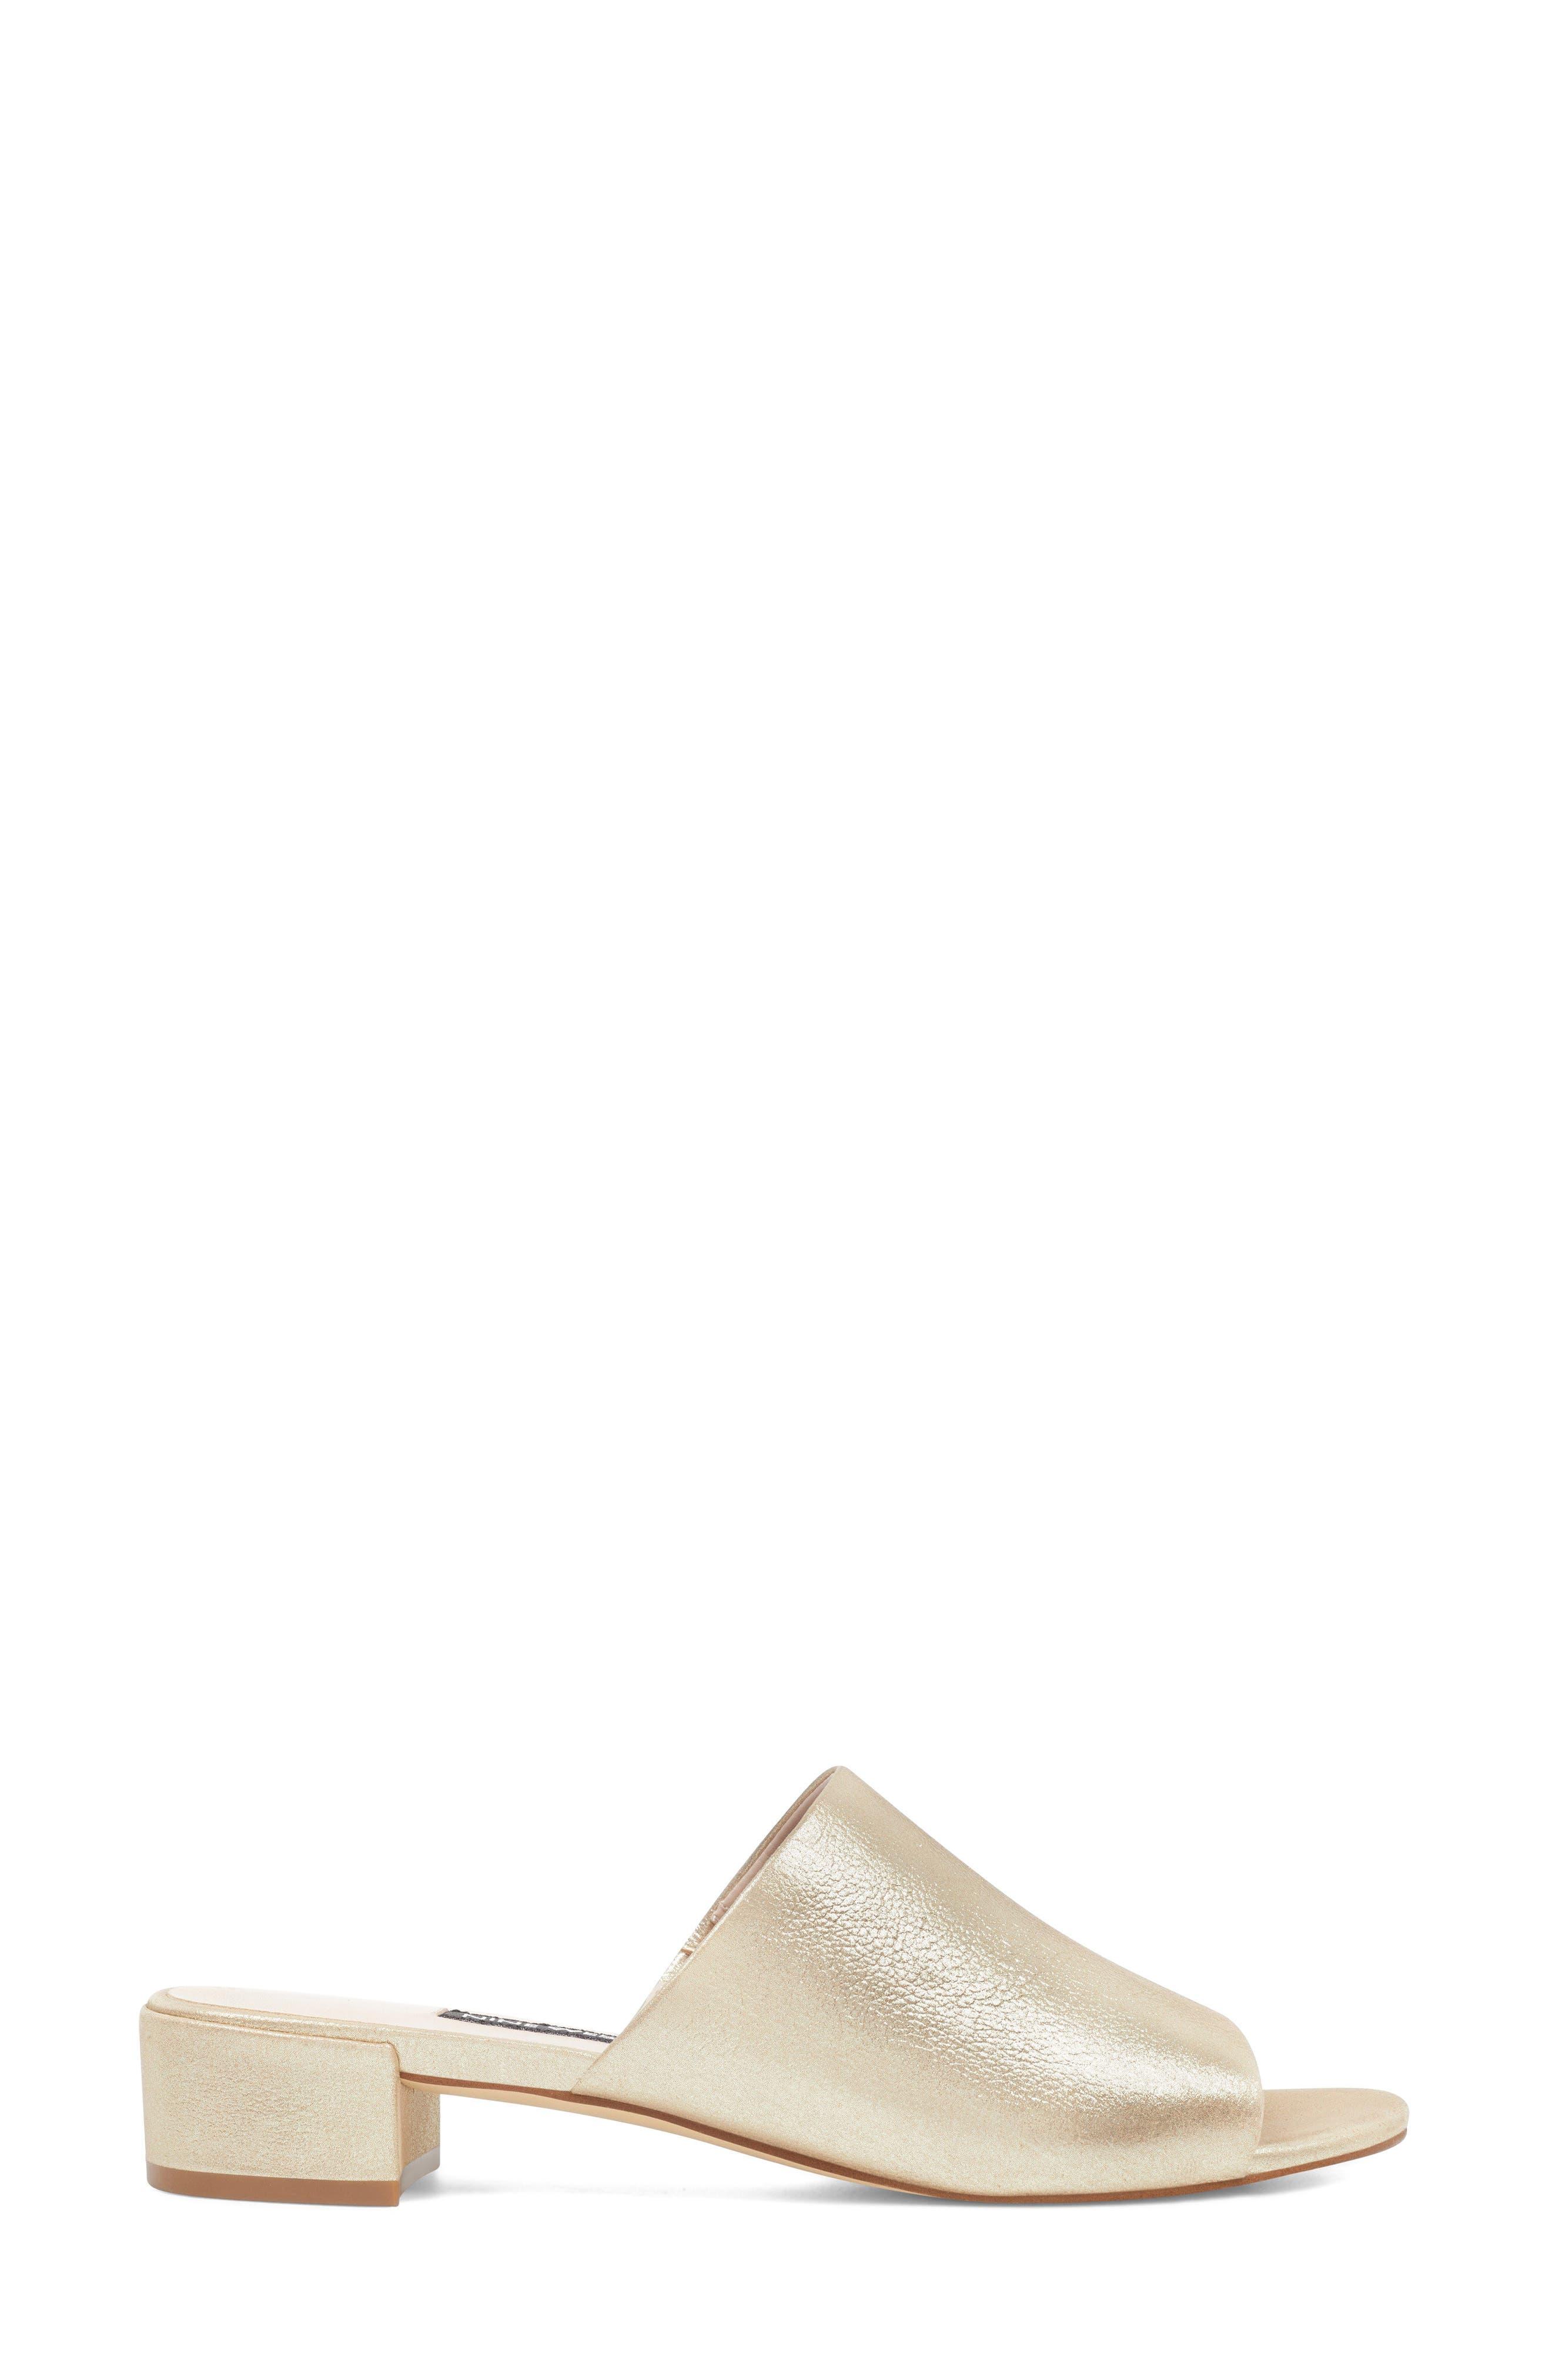 Raissa Slide Sandal,                             Alternate thumbnail 3, color,                             LIGHT GOLD LEATHER